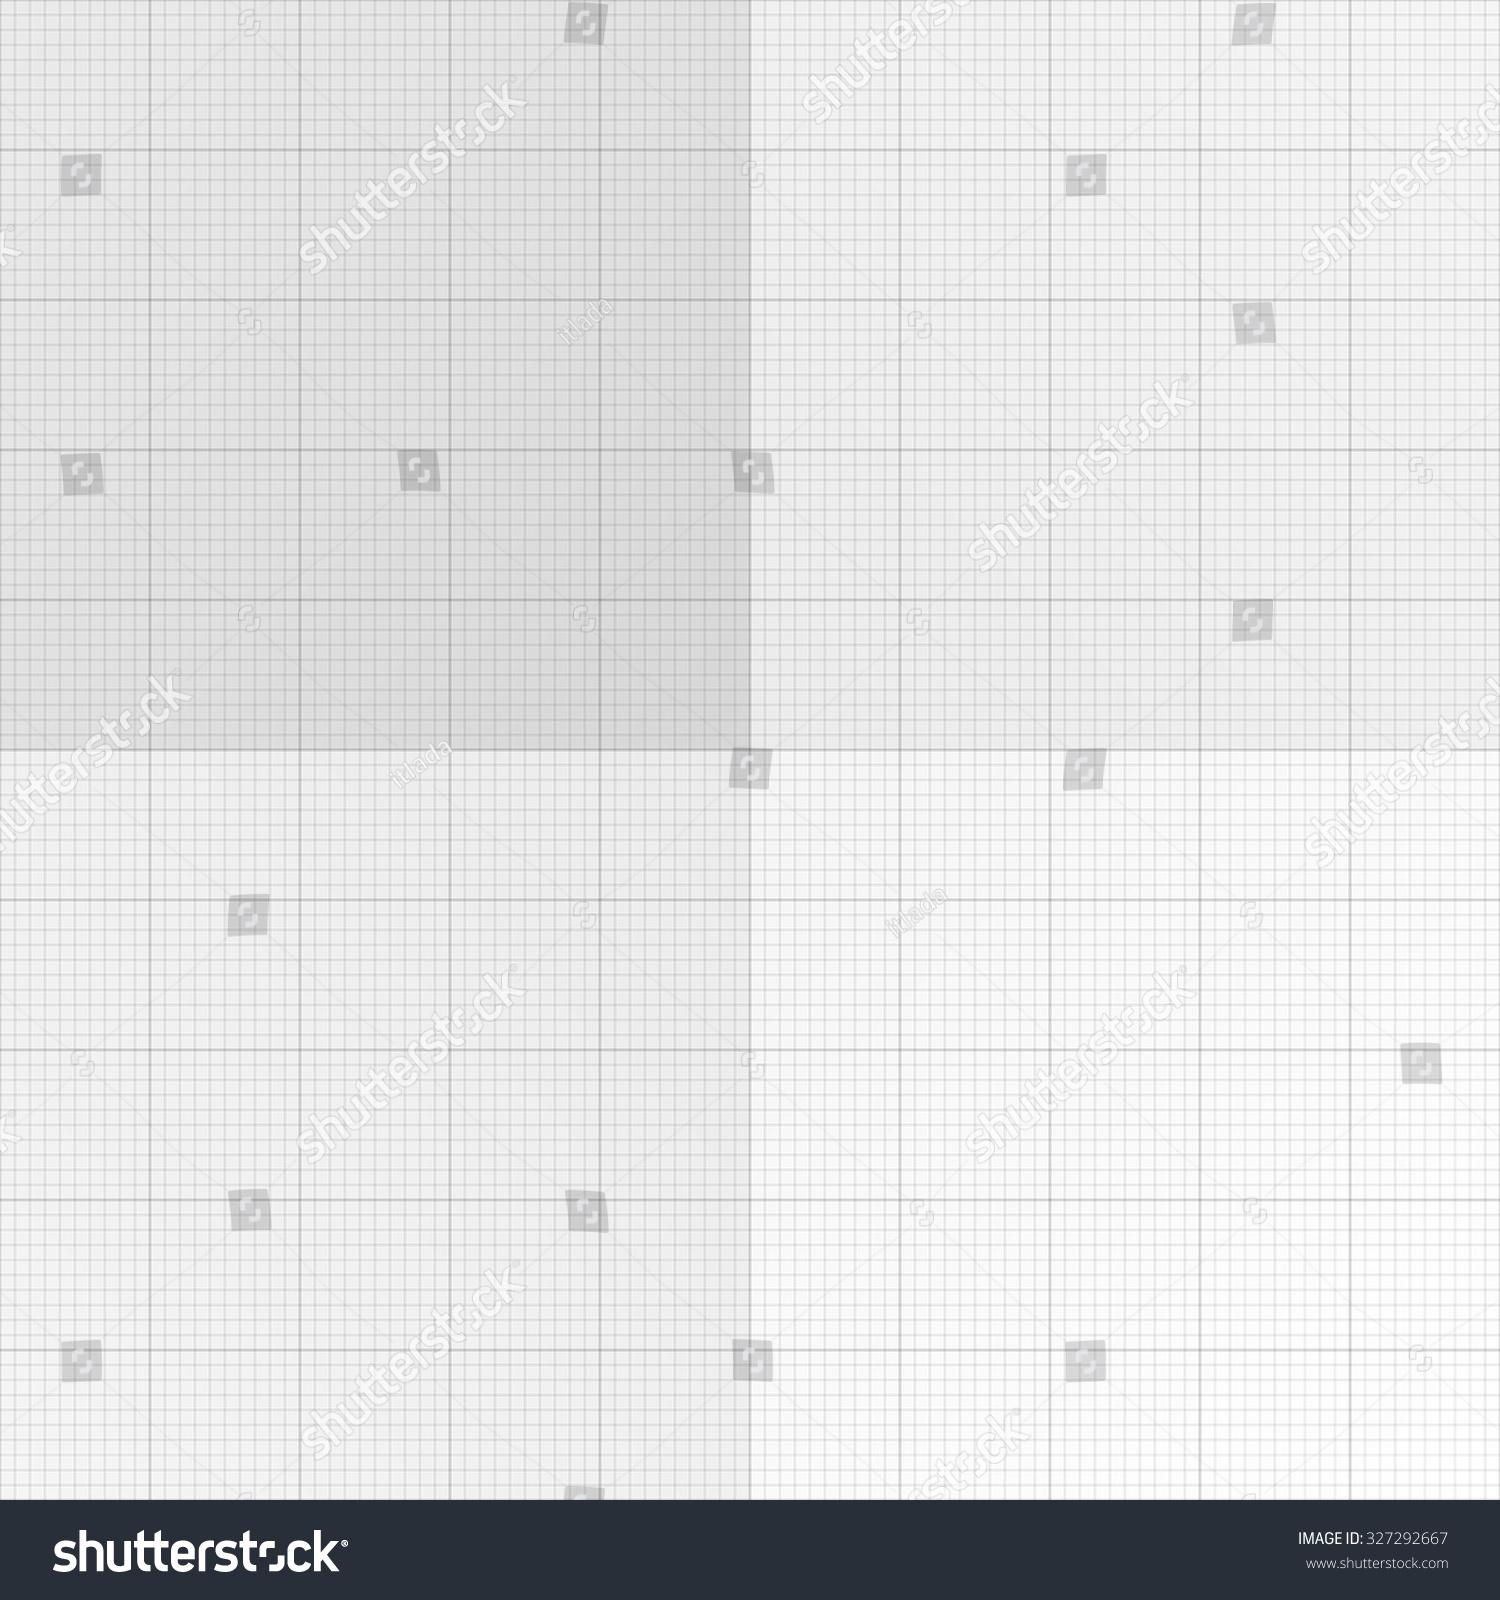 Xxl Millimeter Paper Graph Paper Plotting Stock Vector 327292667 ...